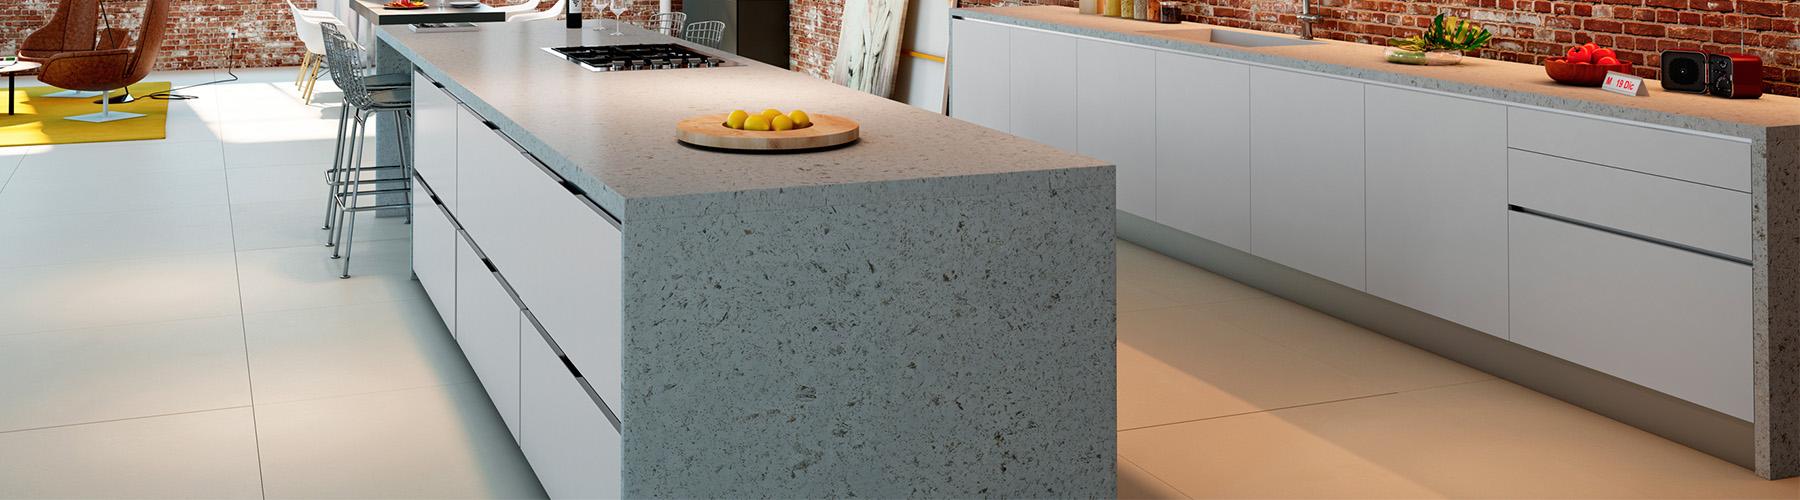 Ice concrete ny collection - Compac colores encimeras ...